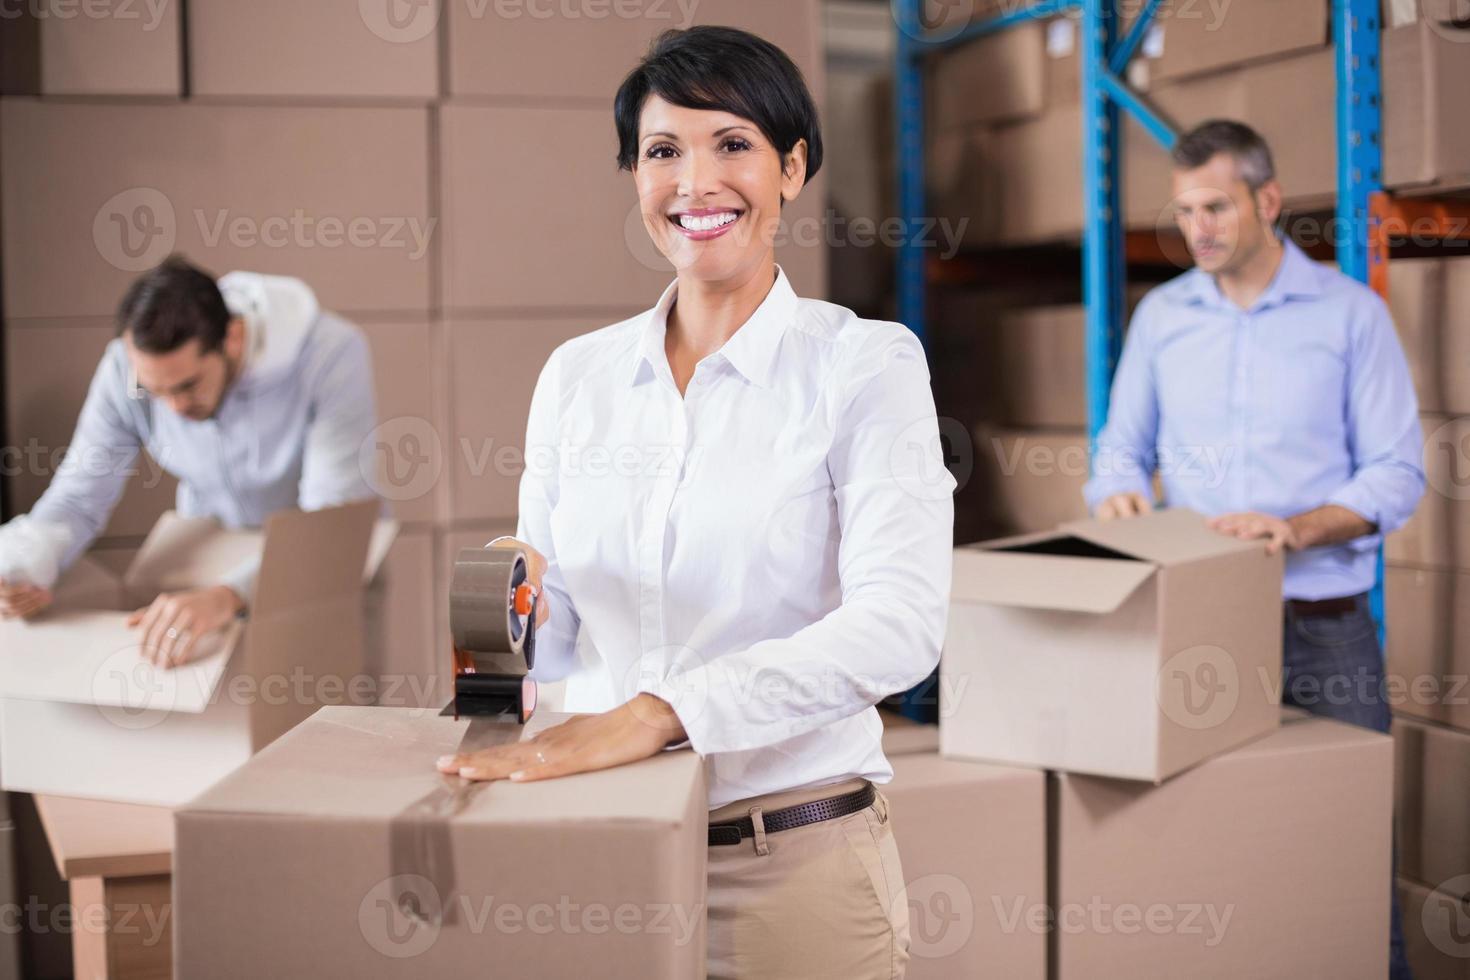 trabajadores del almacén empacando cajas foto